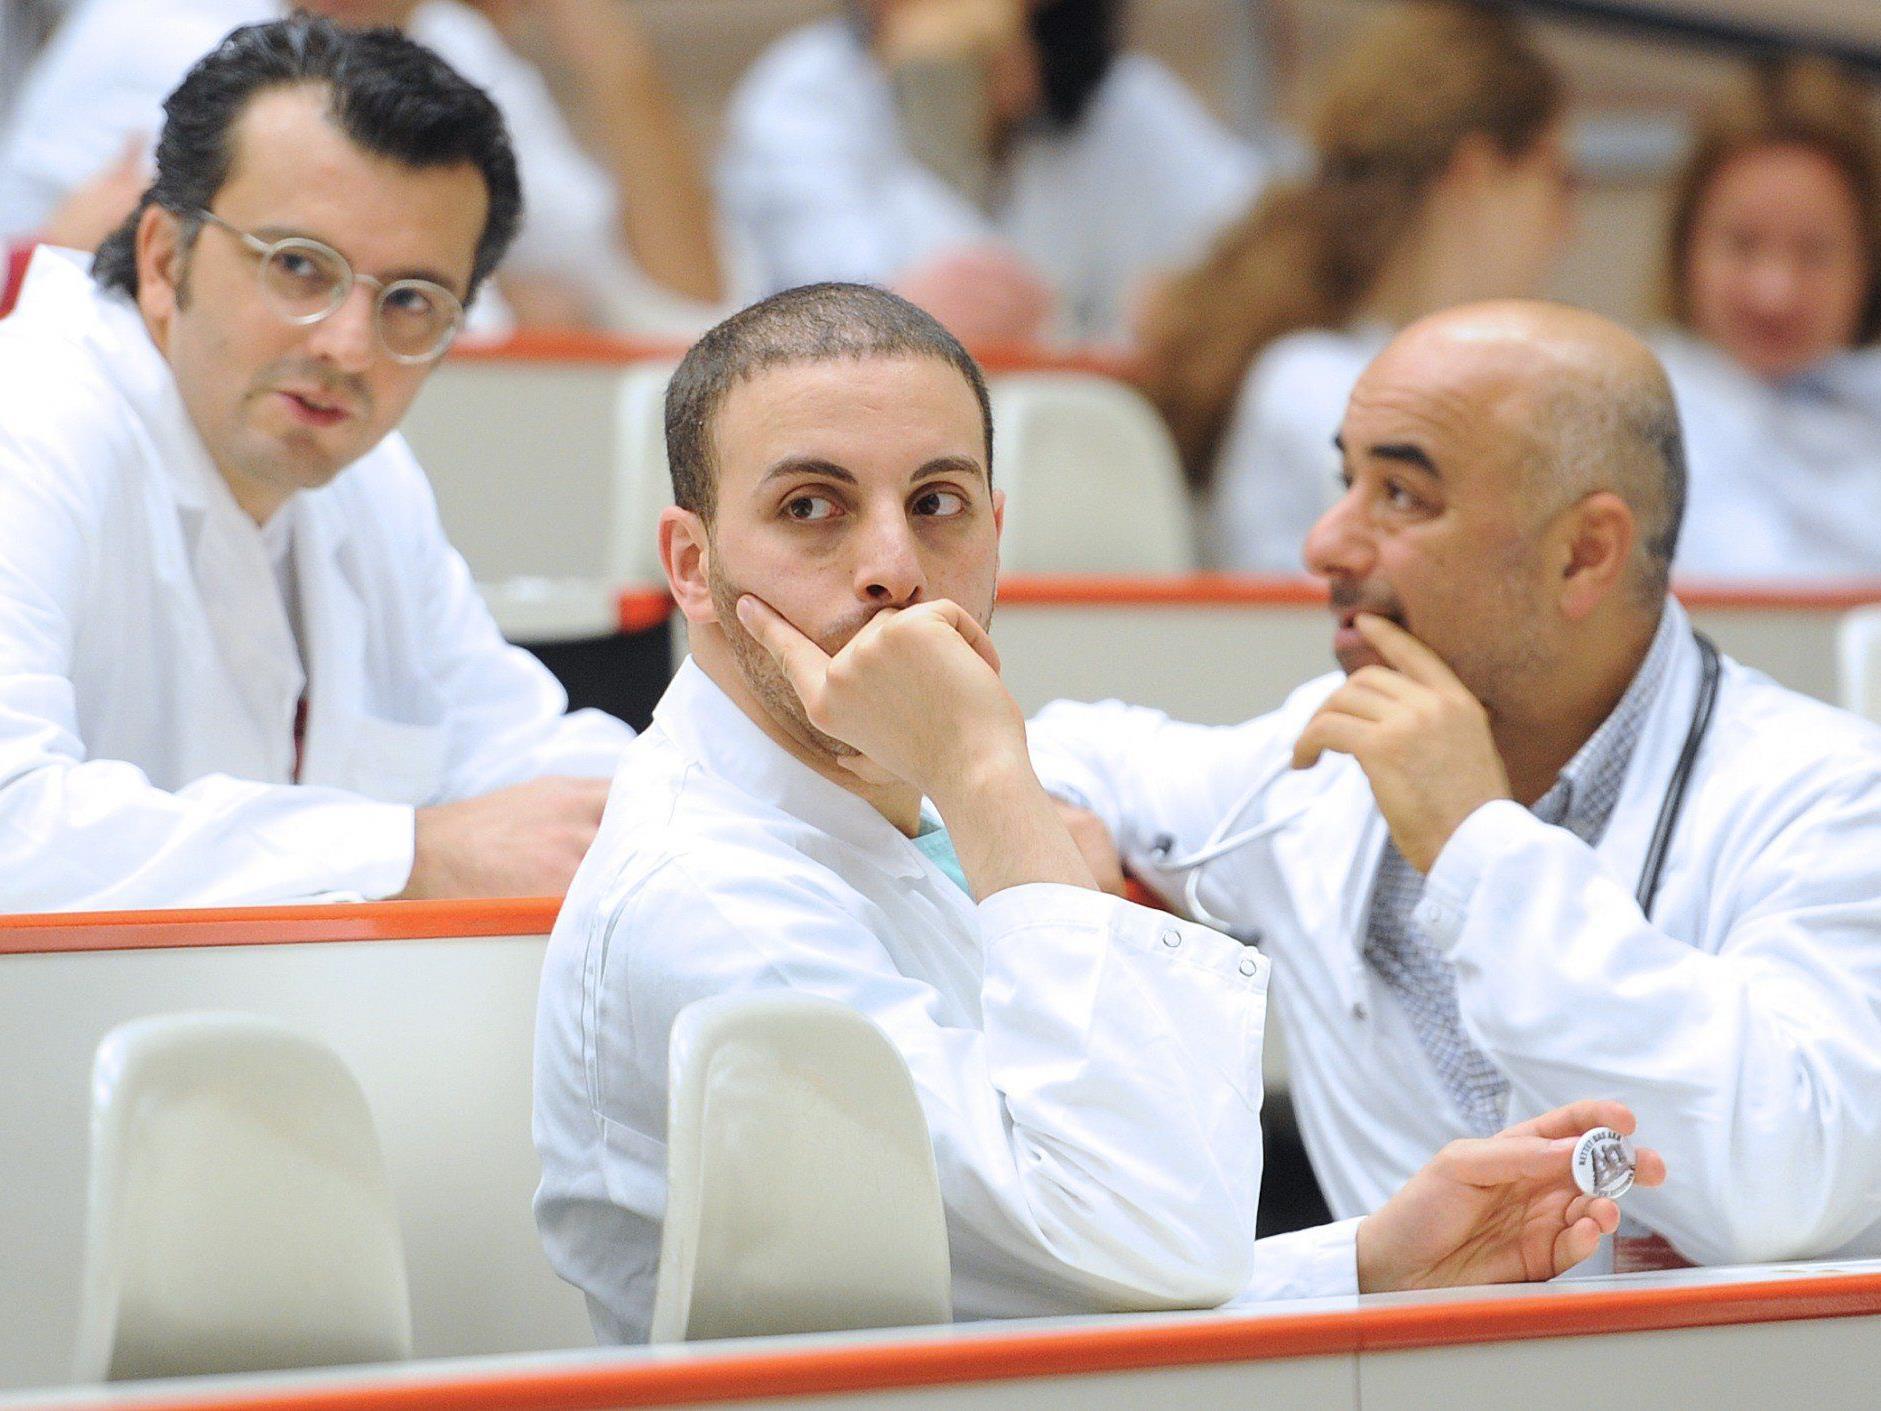 Wiener Universitätskliniken: Neue Ärzte-Dienstzeiten führt zu Engpässen